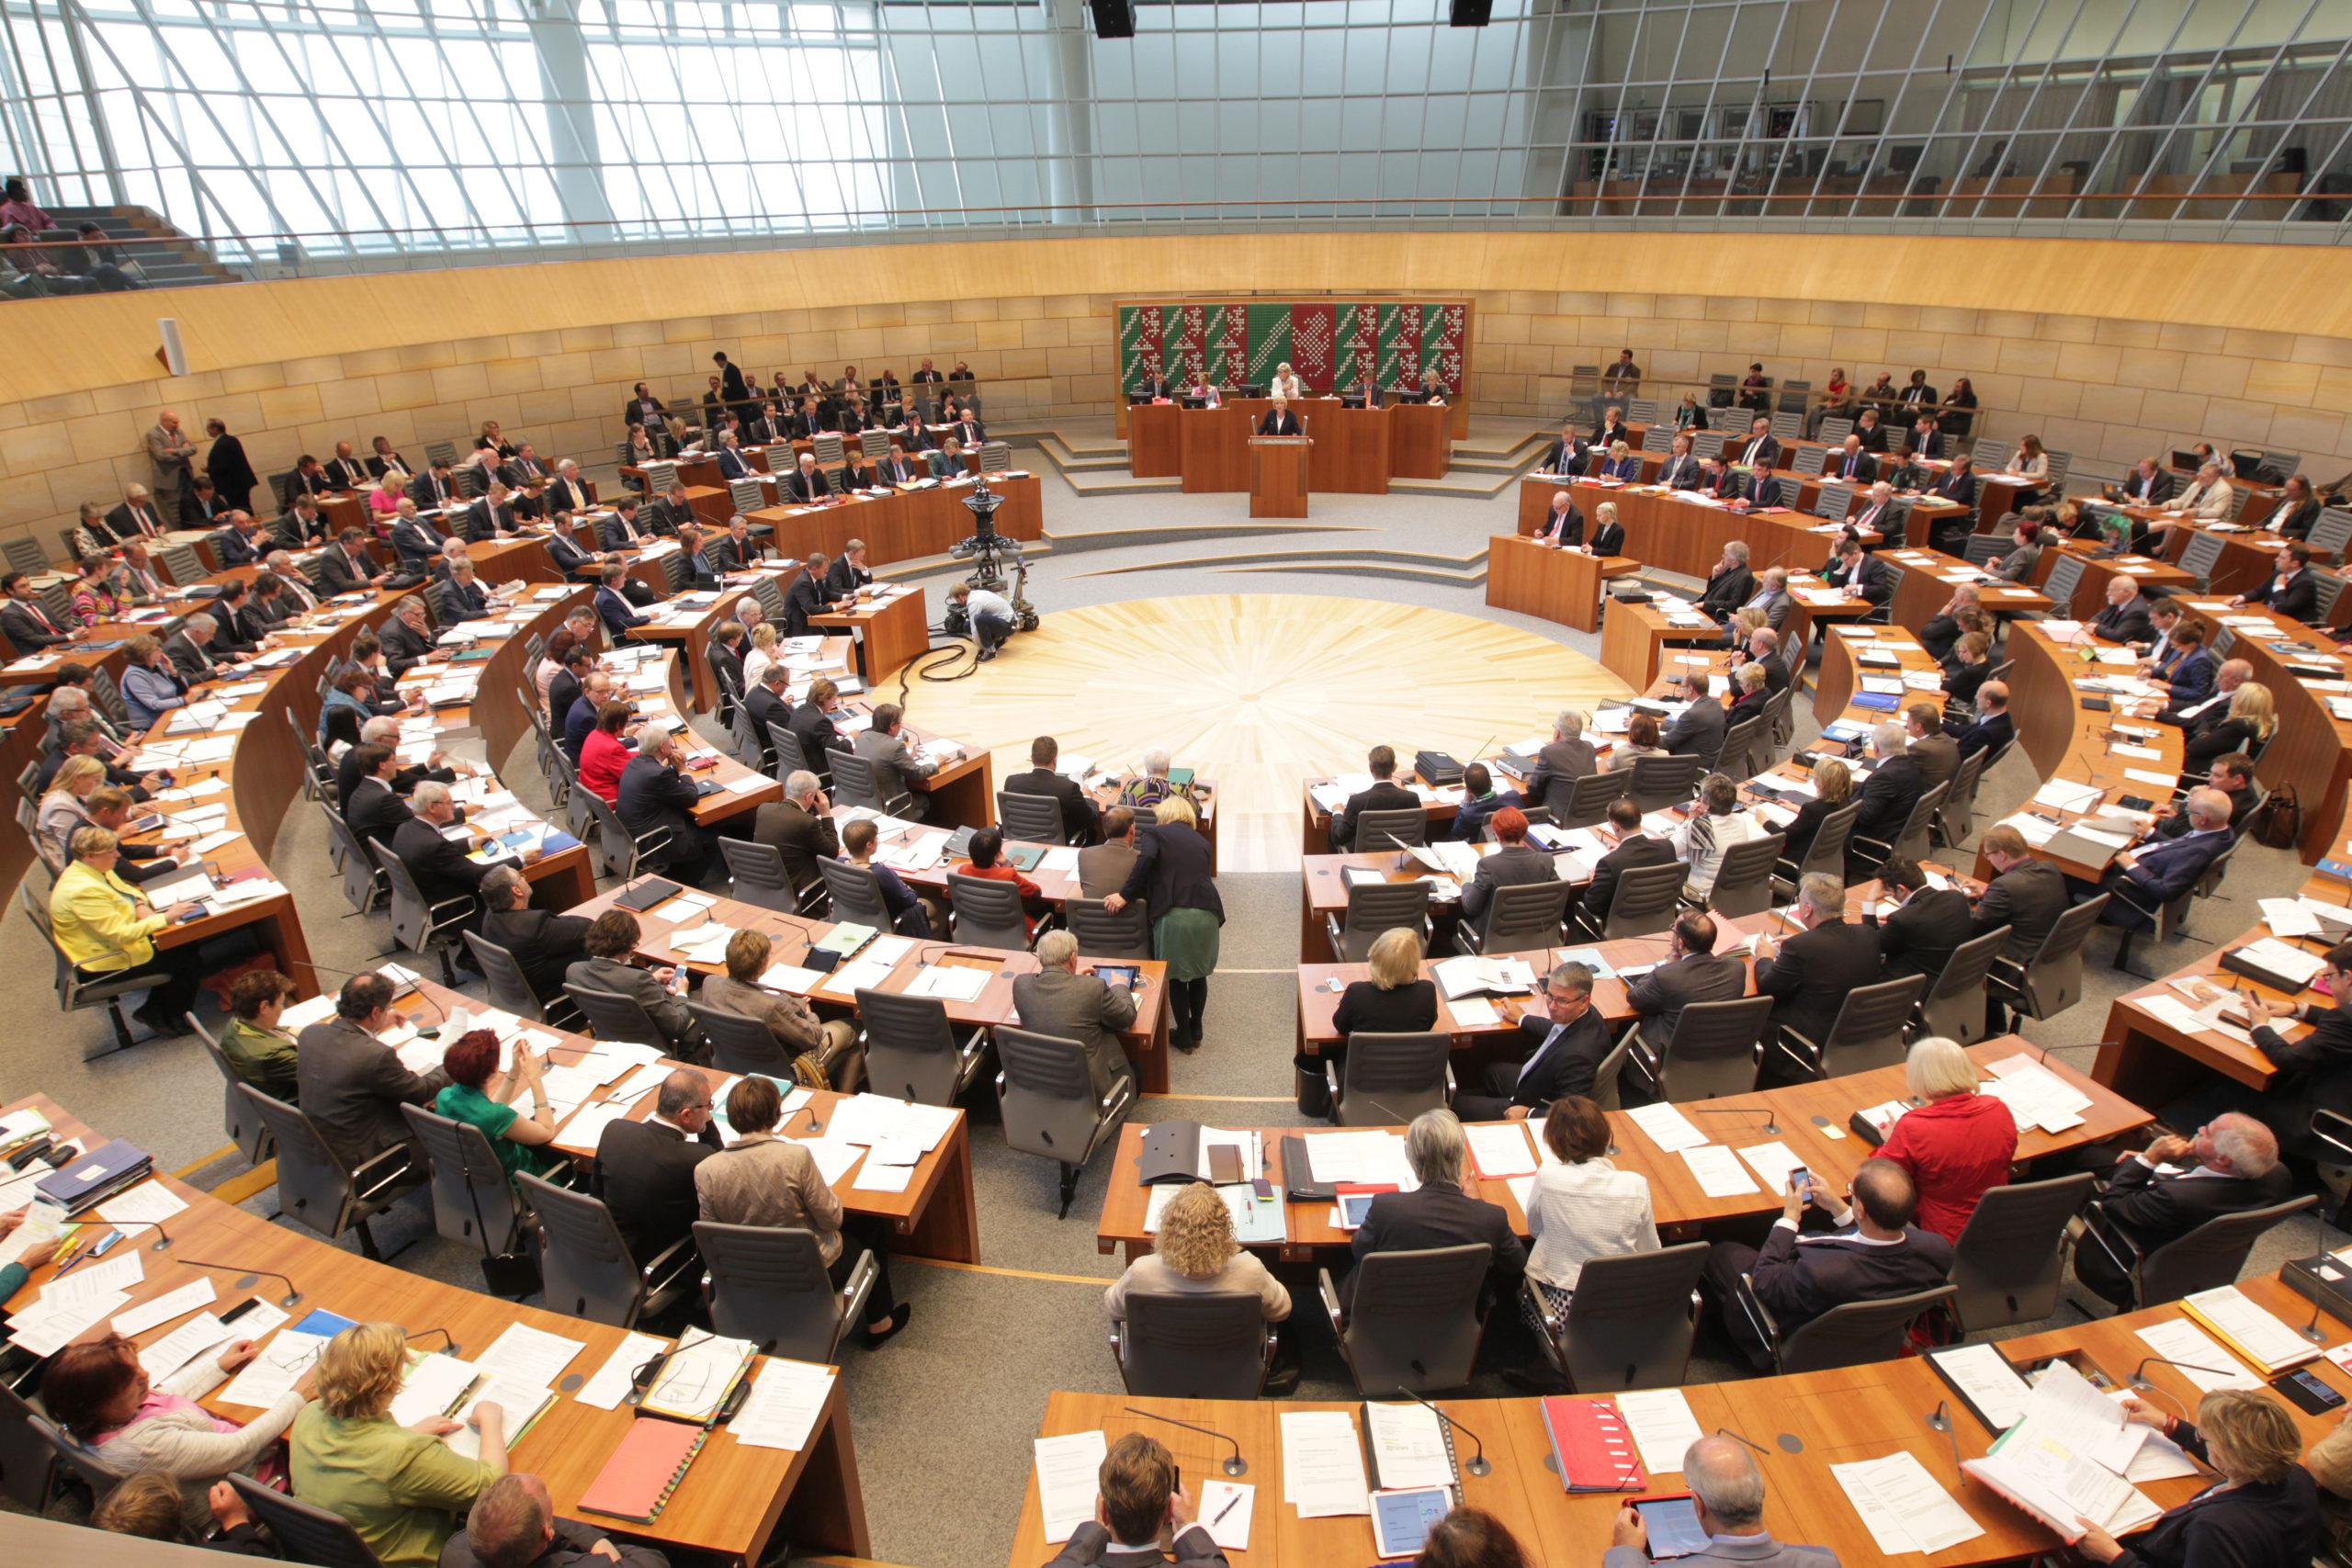 Vom 28. bis 30. Oktober findet in Düsseldorf der 13. Jugend-Landtag Nordrhein-Westfalen statt. Auch zwei Jugendliche aus Gelsenkirchen nehmen dann auf den Abgeordneten-Stühlen Platz.